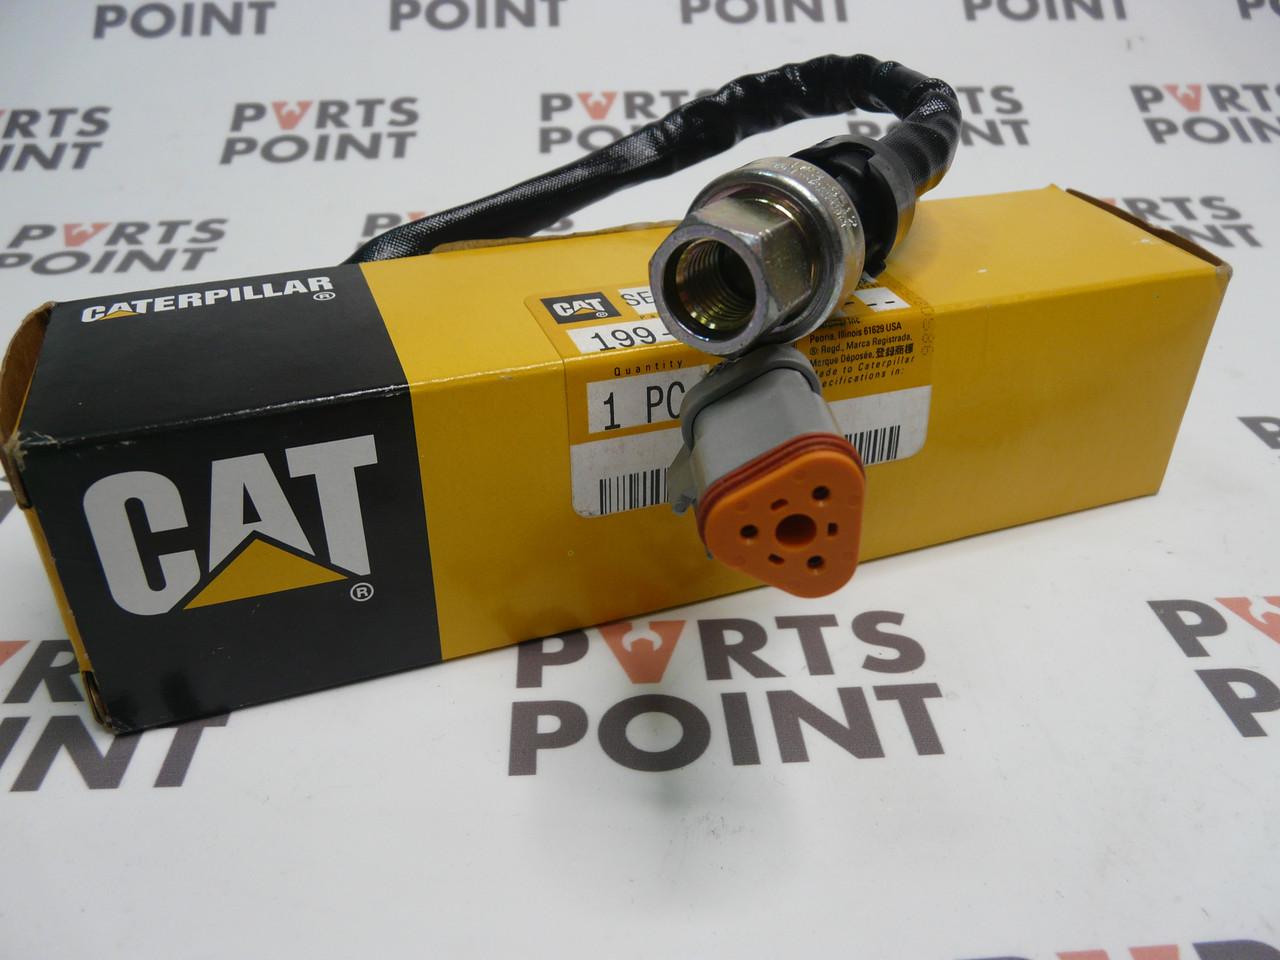 Датчик низкого давления CAT953C, 963C, 973C, 1999702, 199-9702